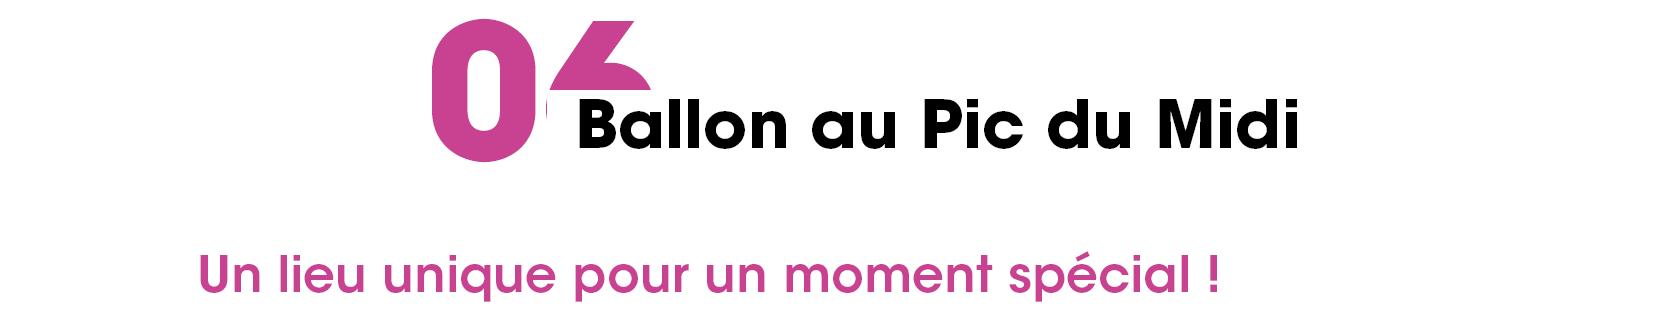 6 ballon Pic du Midi